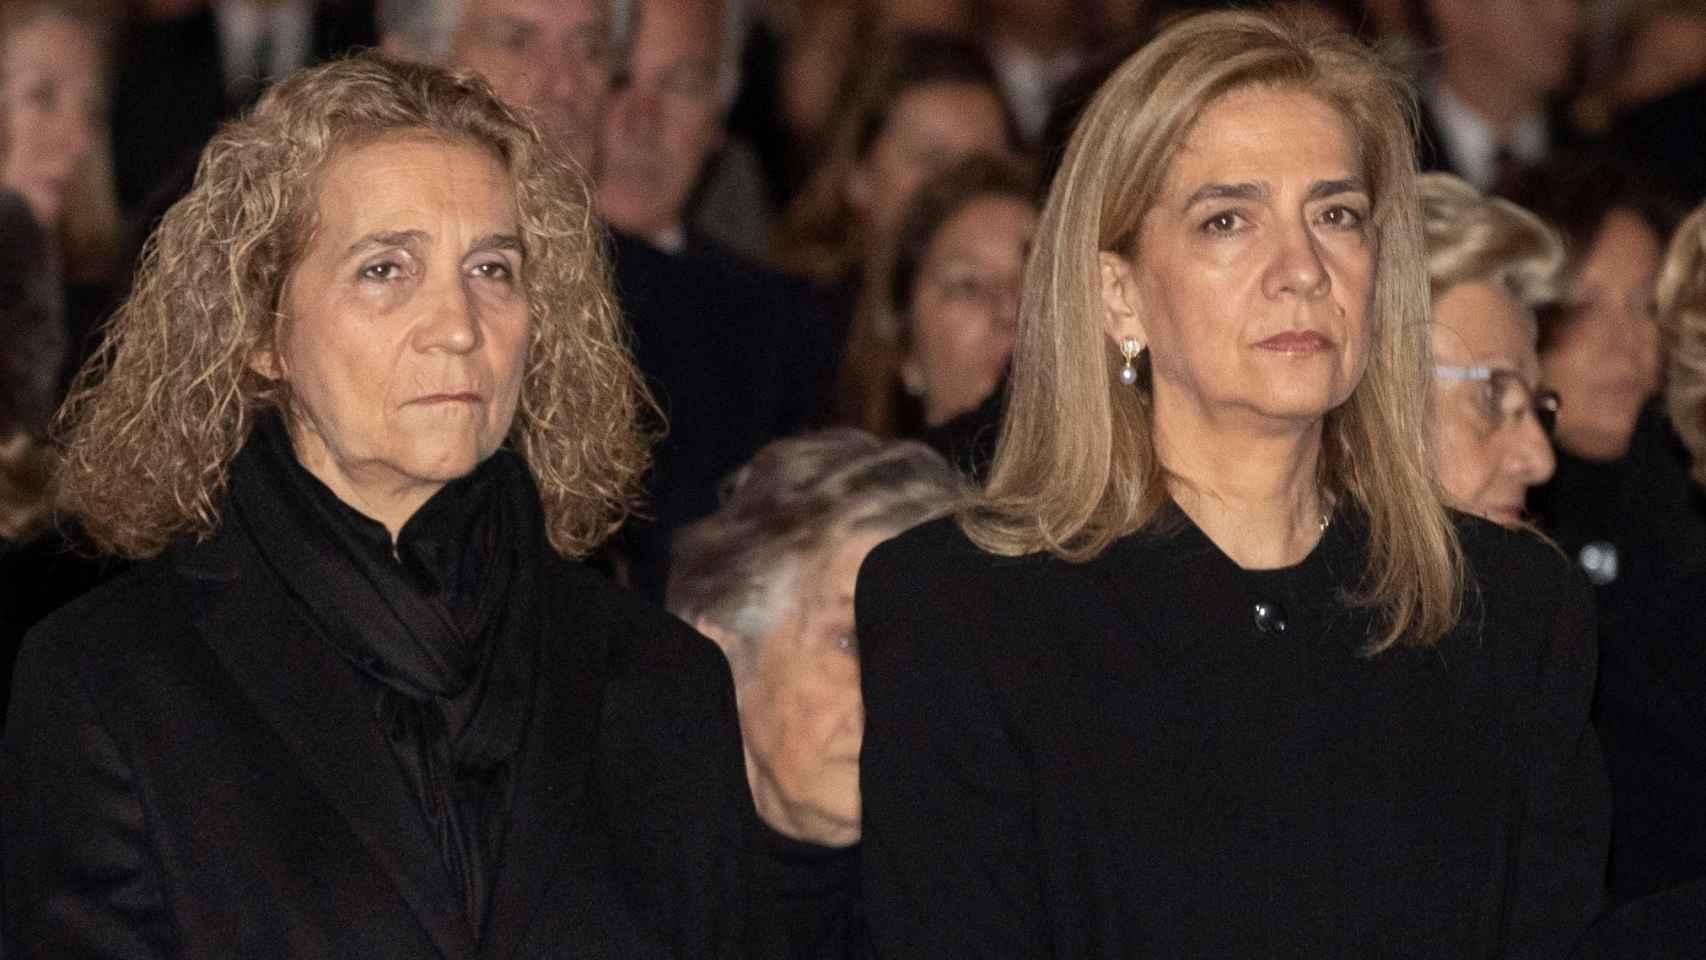 El aspecto de las hermanas del Rey ha llamado la atención por su evidente pérdida de peso.